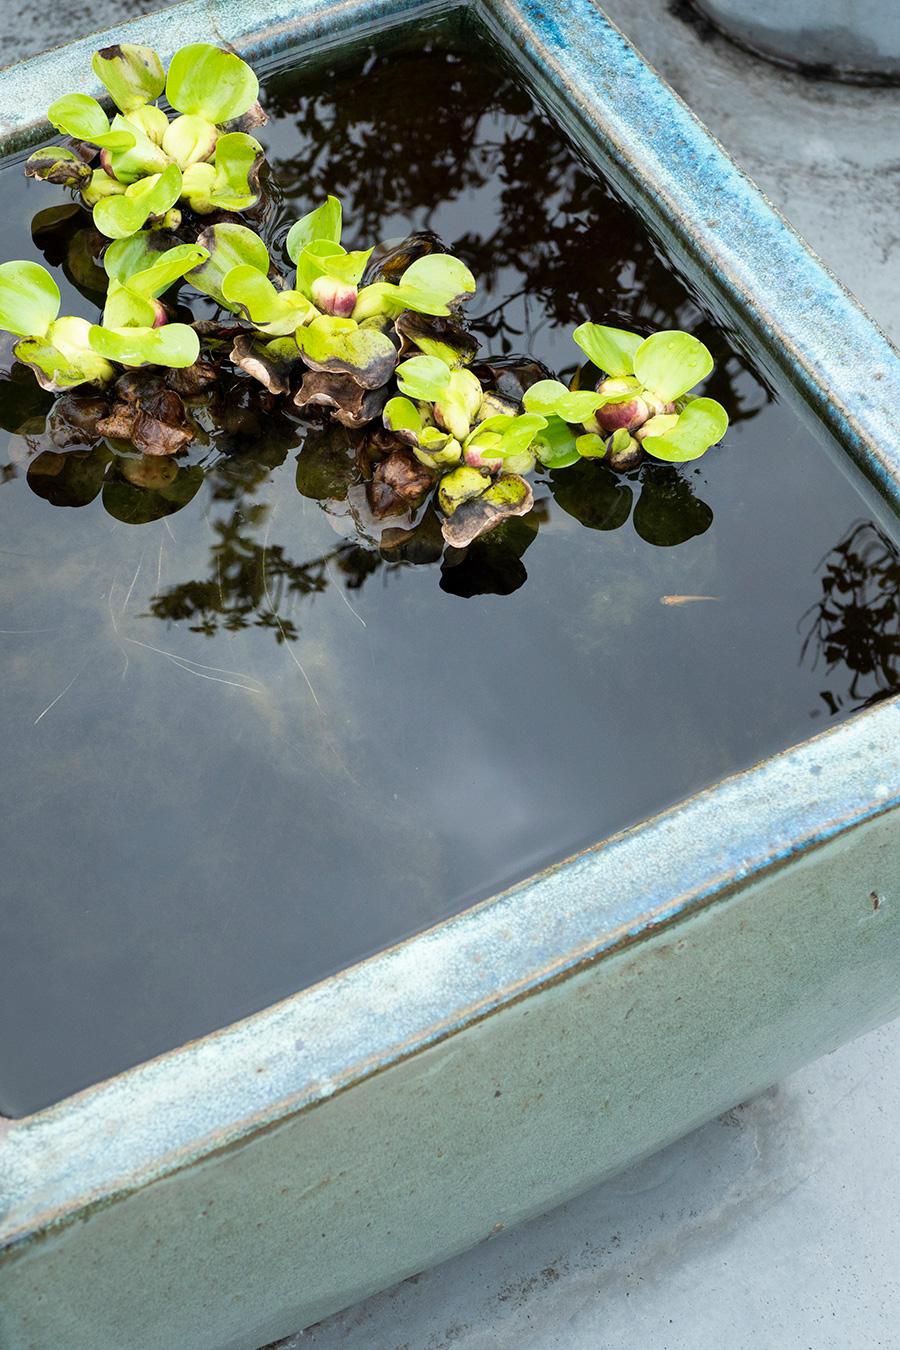 バルコニーのビオトープではメダカを飼育。